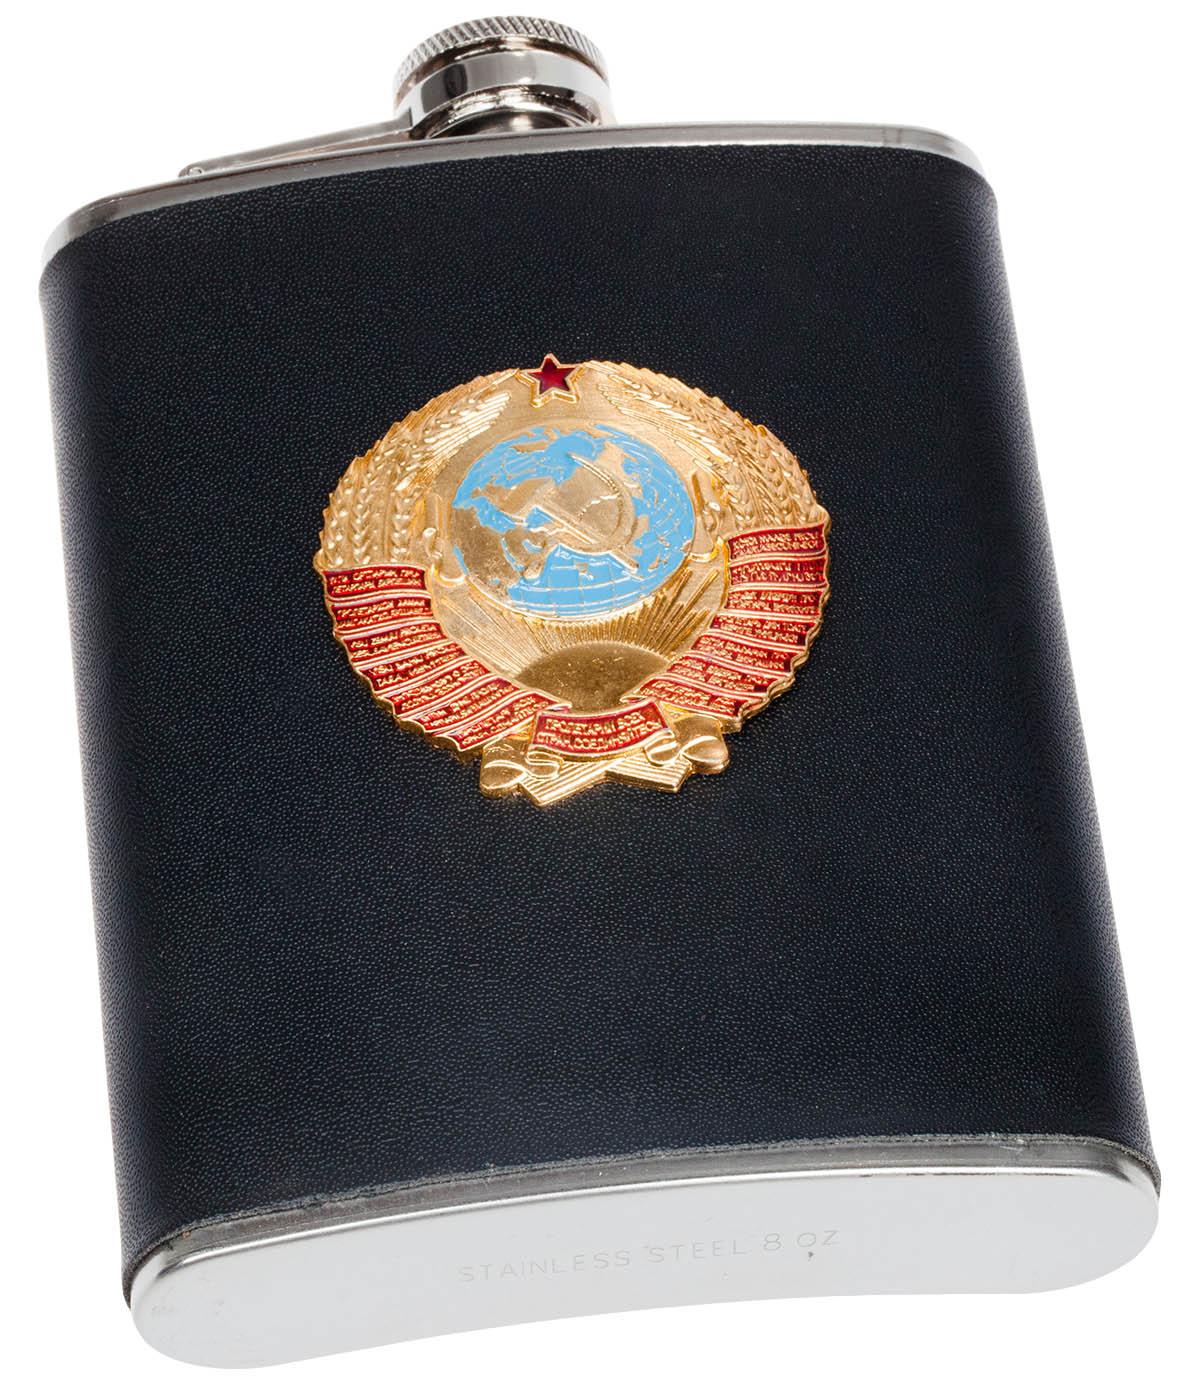 Заказать фляжку с гербом СССР с доставкой